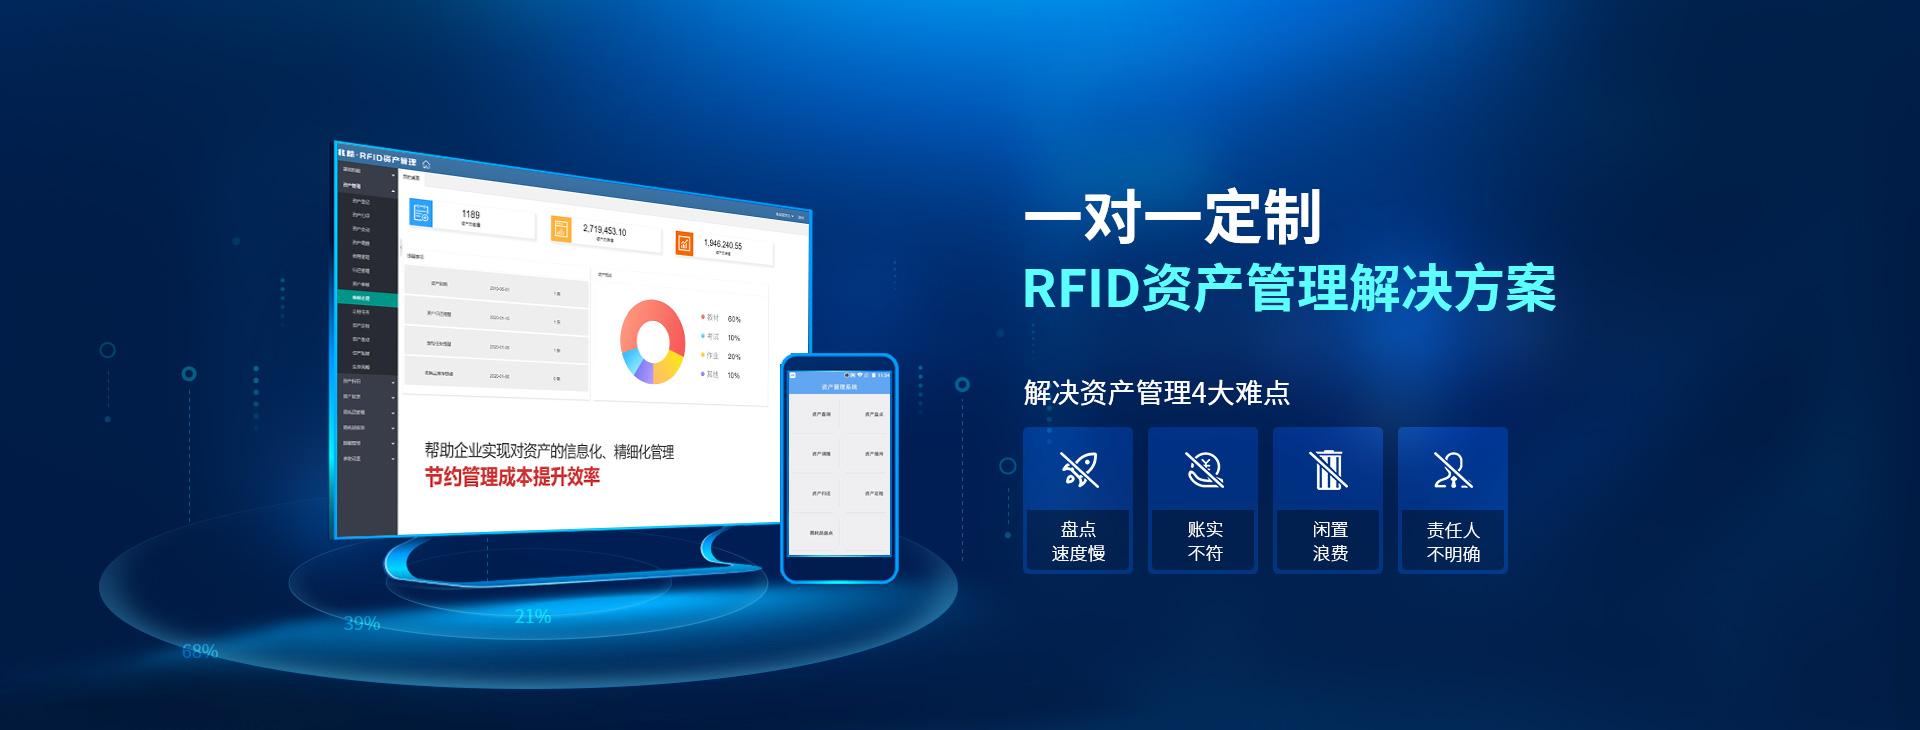 兆麟一对一定制RFID资产管理解决方案